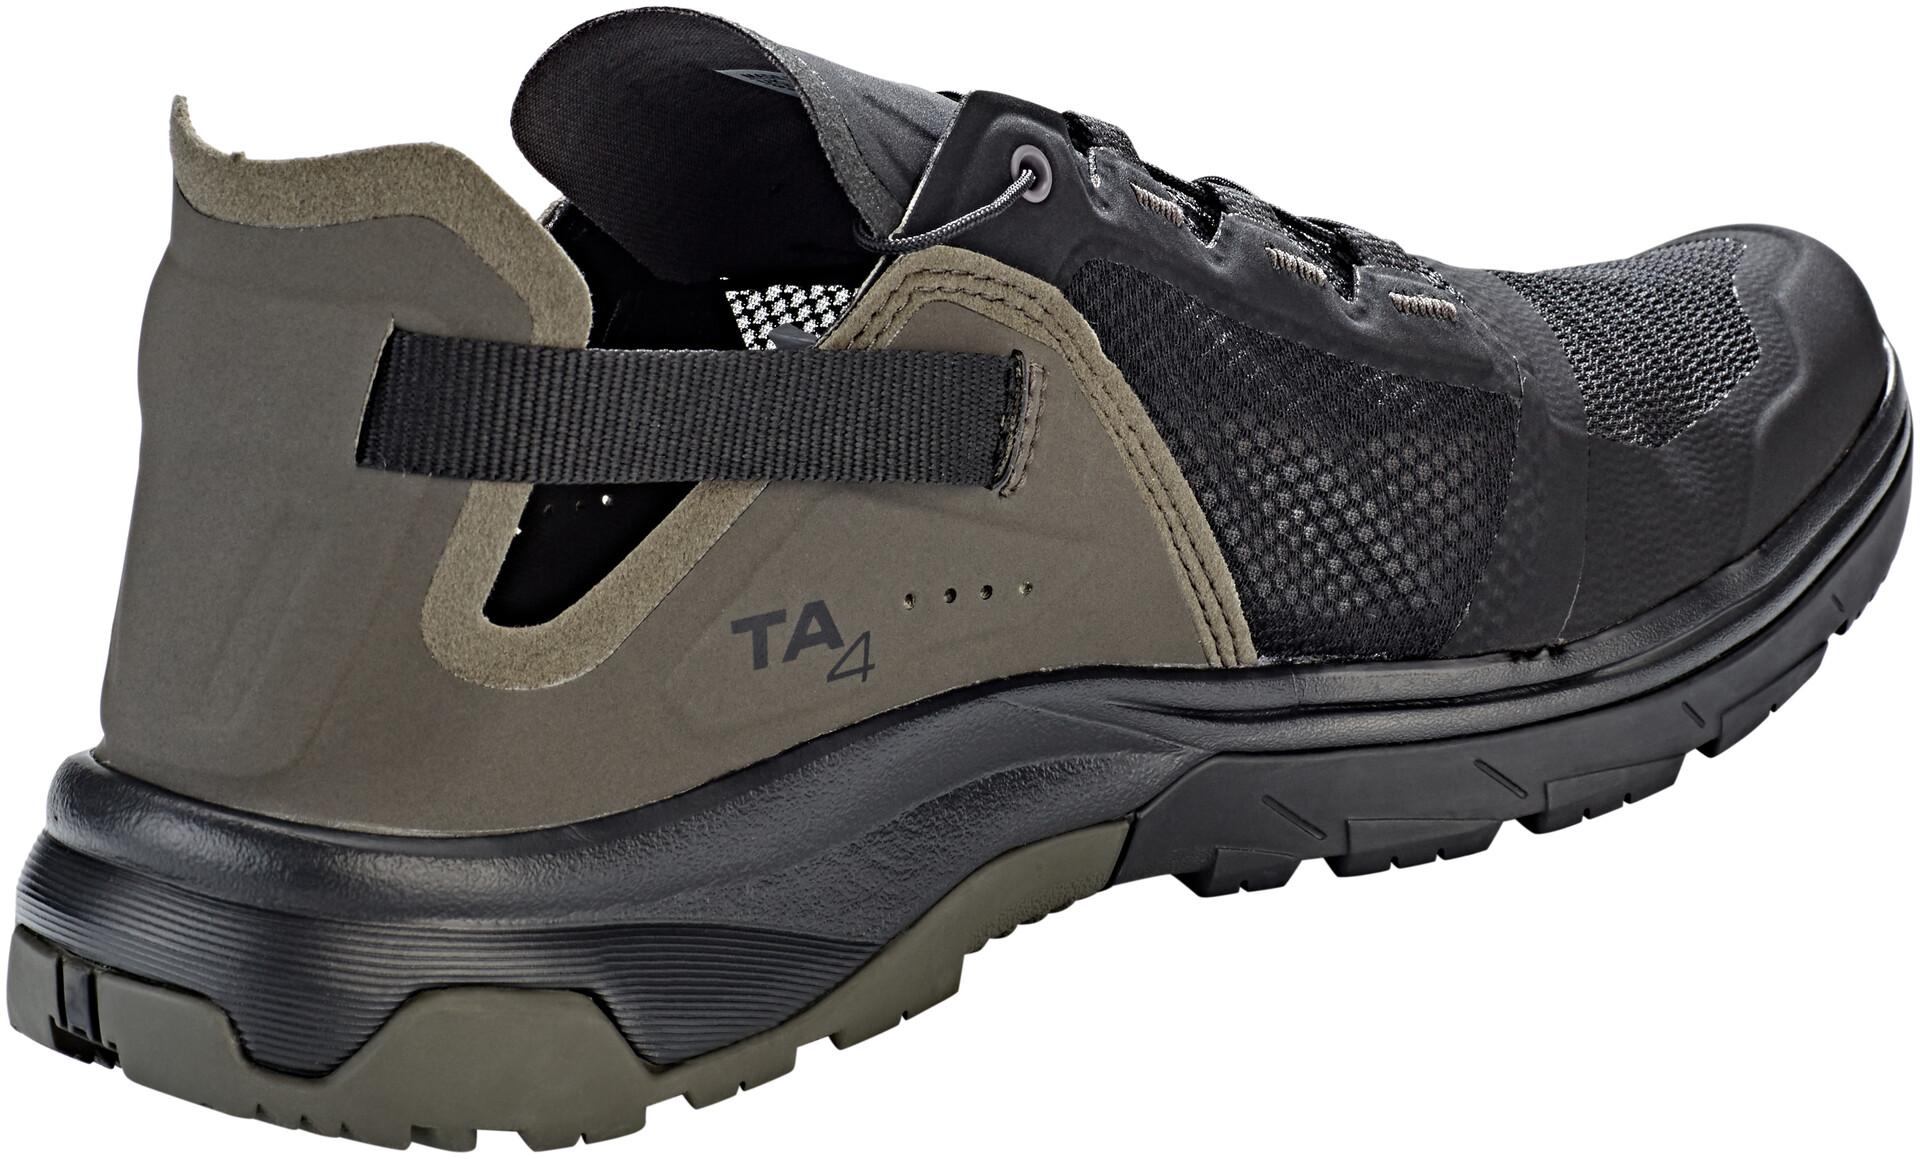 Salomon Techamphibian 4 Chaussures Homme, blackbelugacastor gray